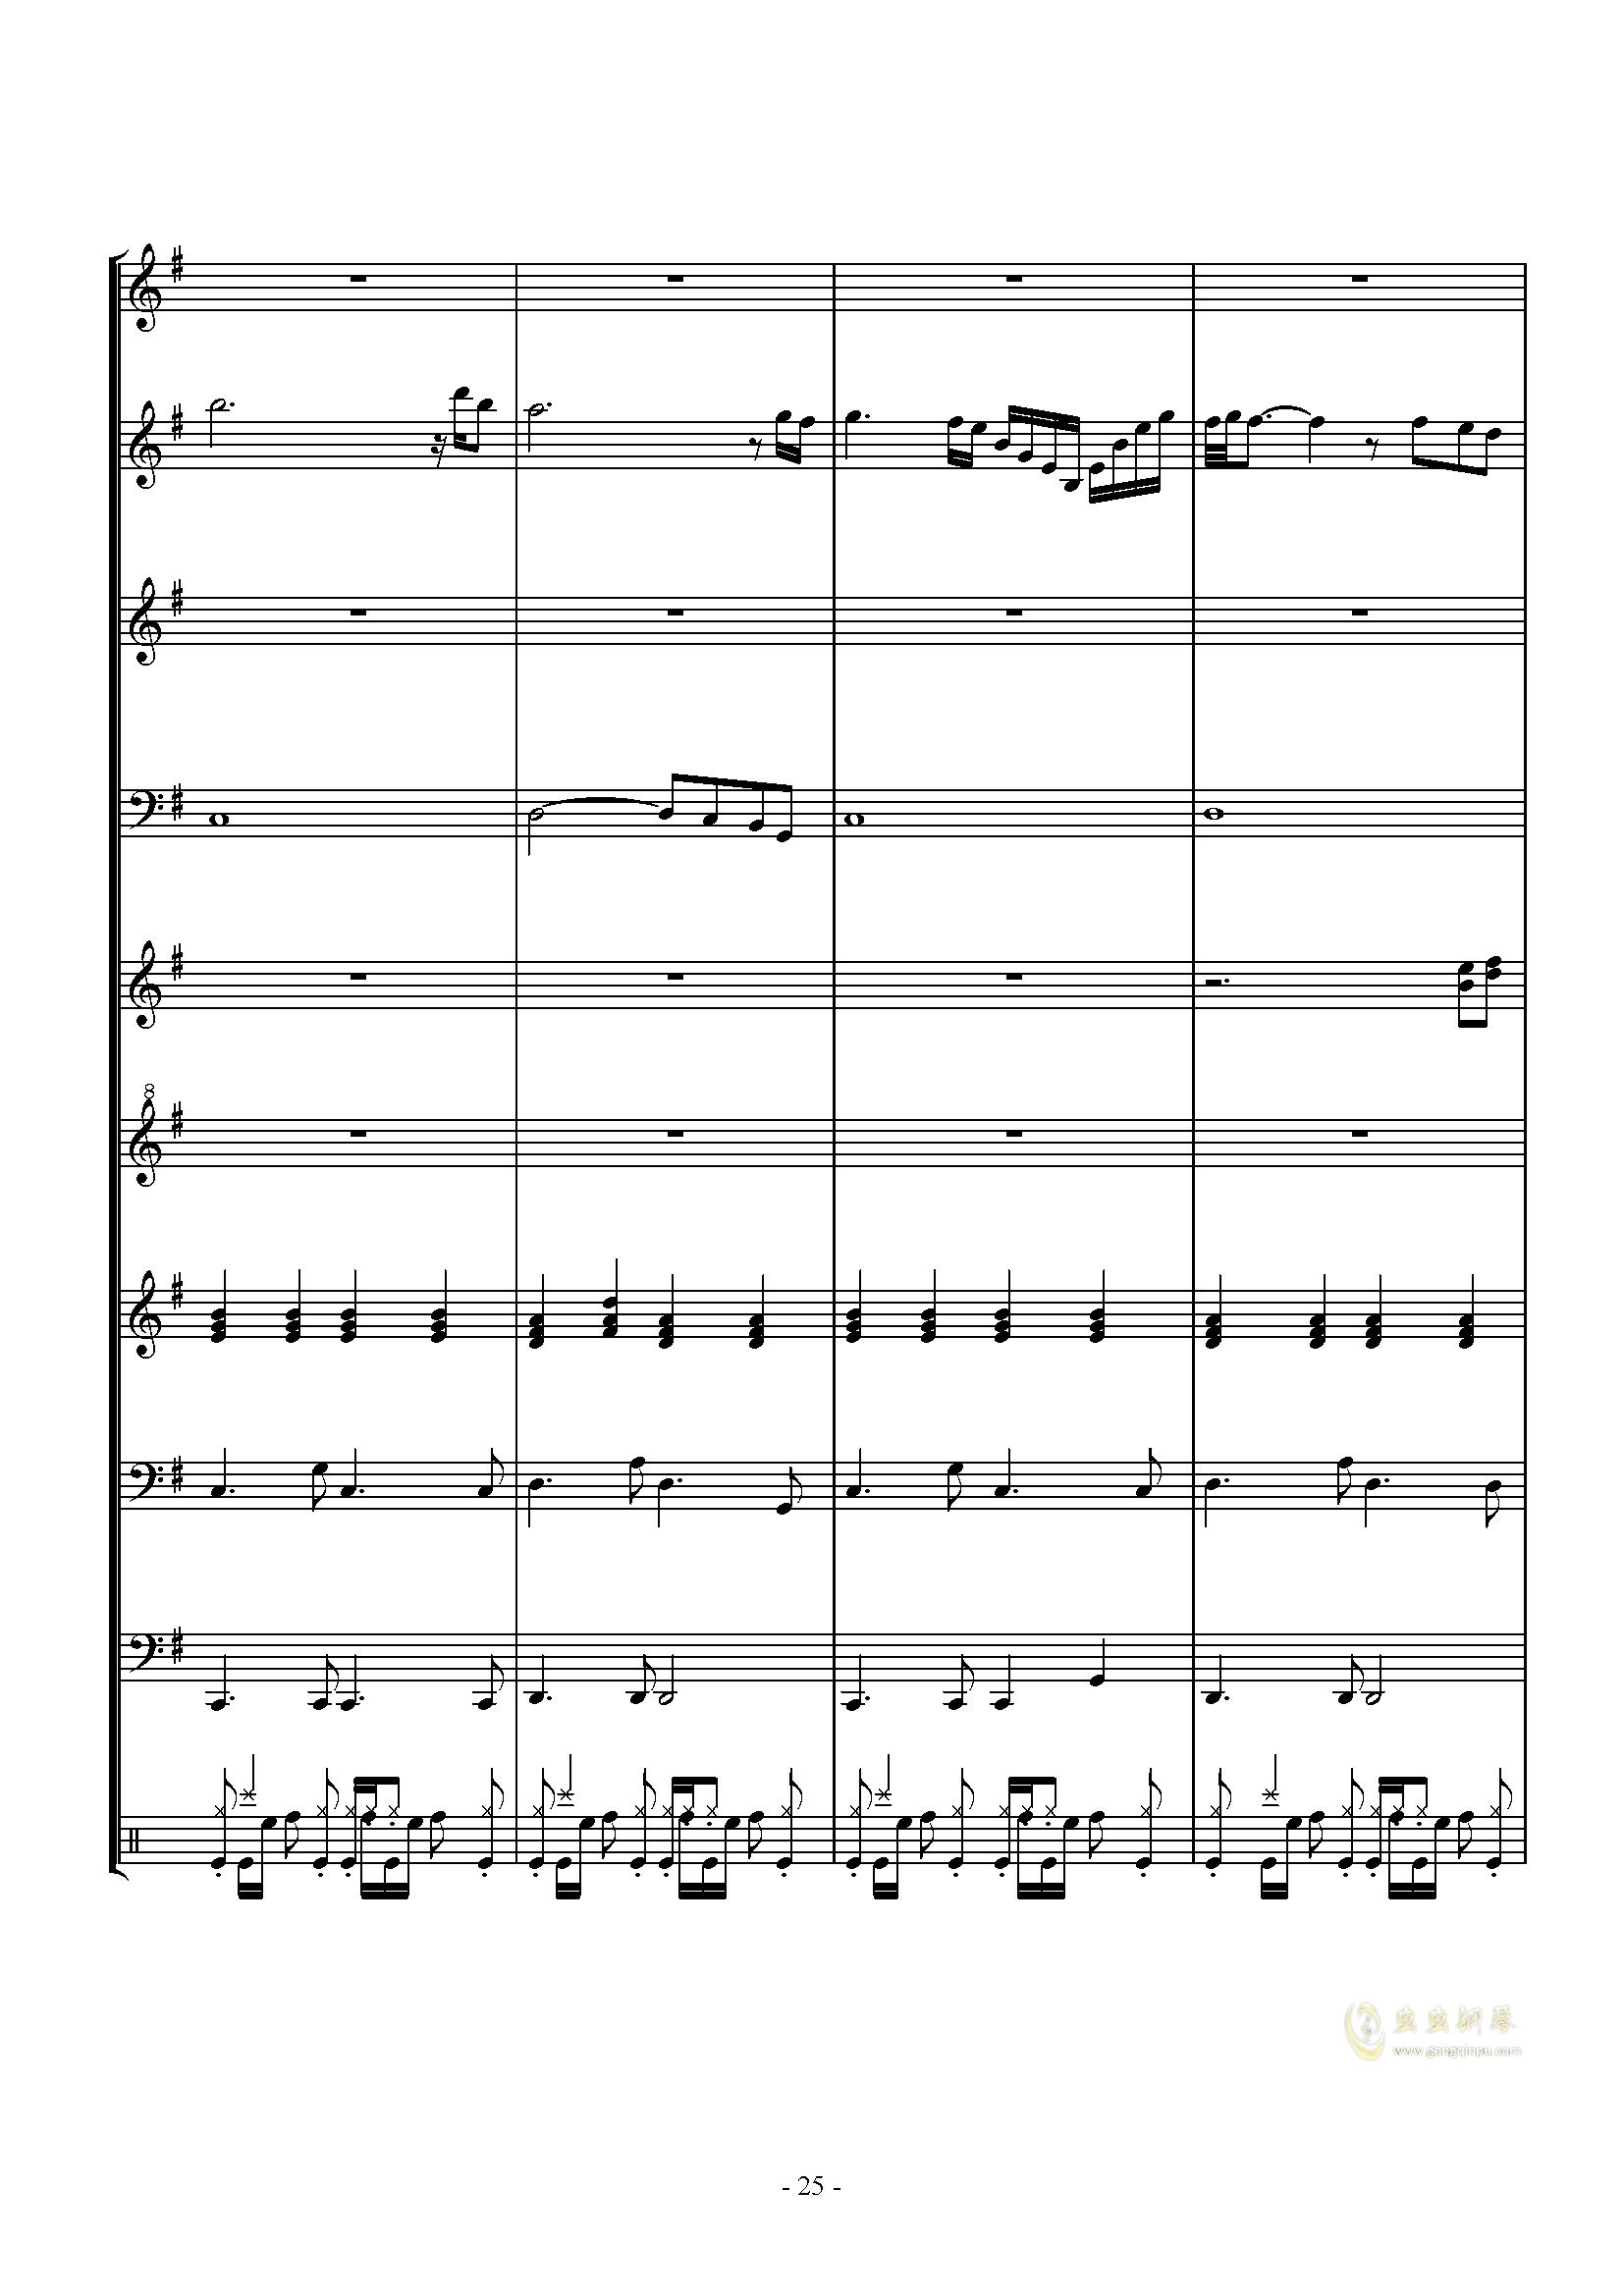 キミガタメ钢琴谱 第25页